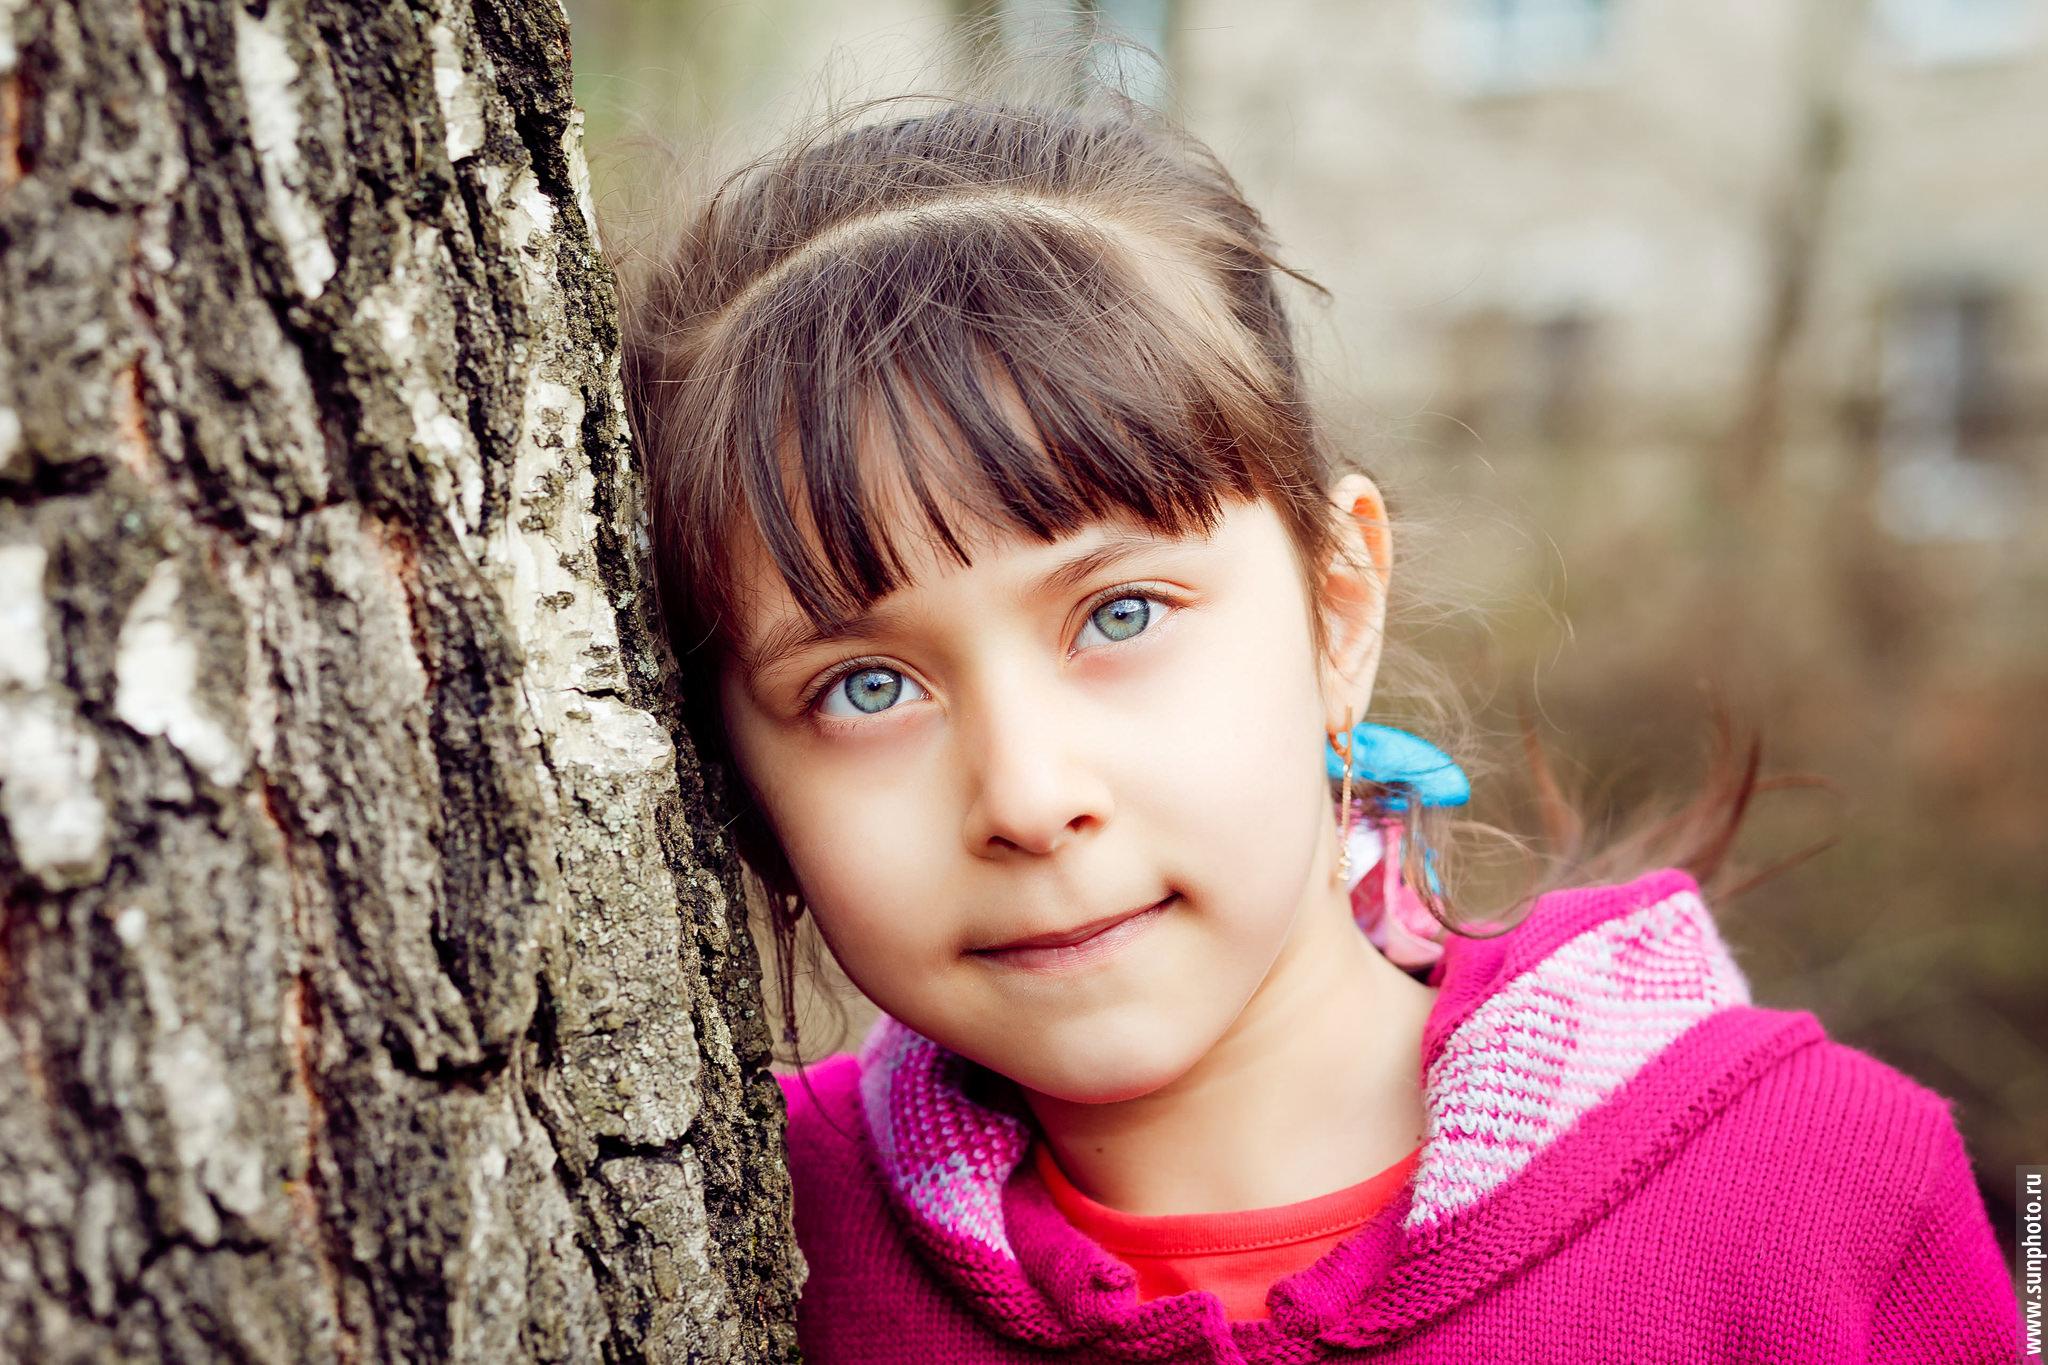 Портрет девочки в розовой кофте, сделанный во время фотосессии на улице в детском саду